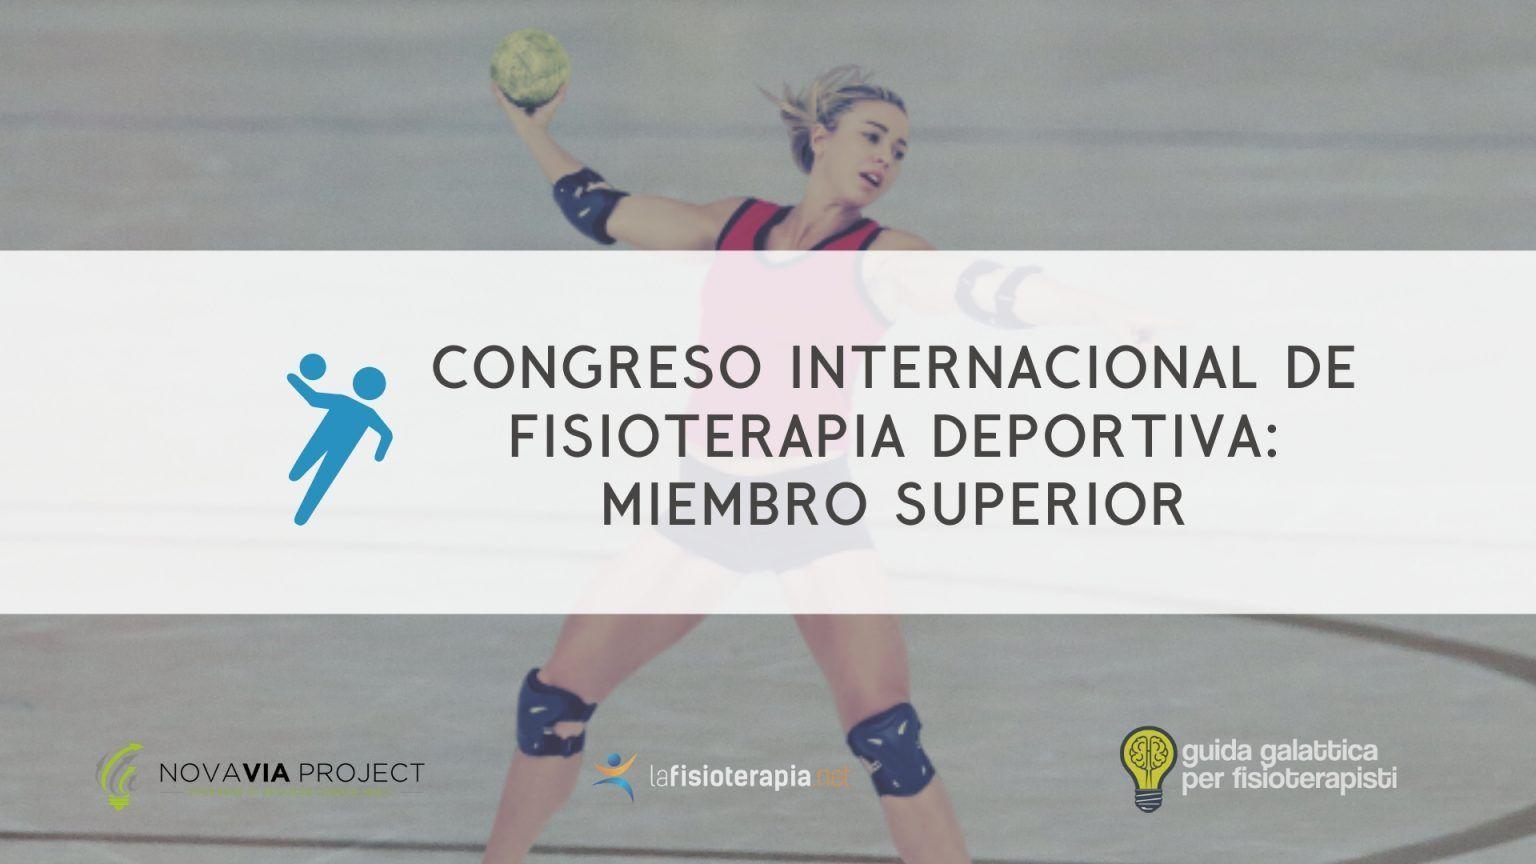 congreso-internacional-miembro-superior